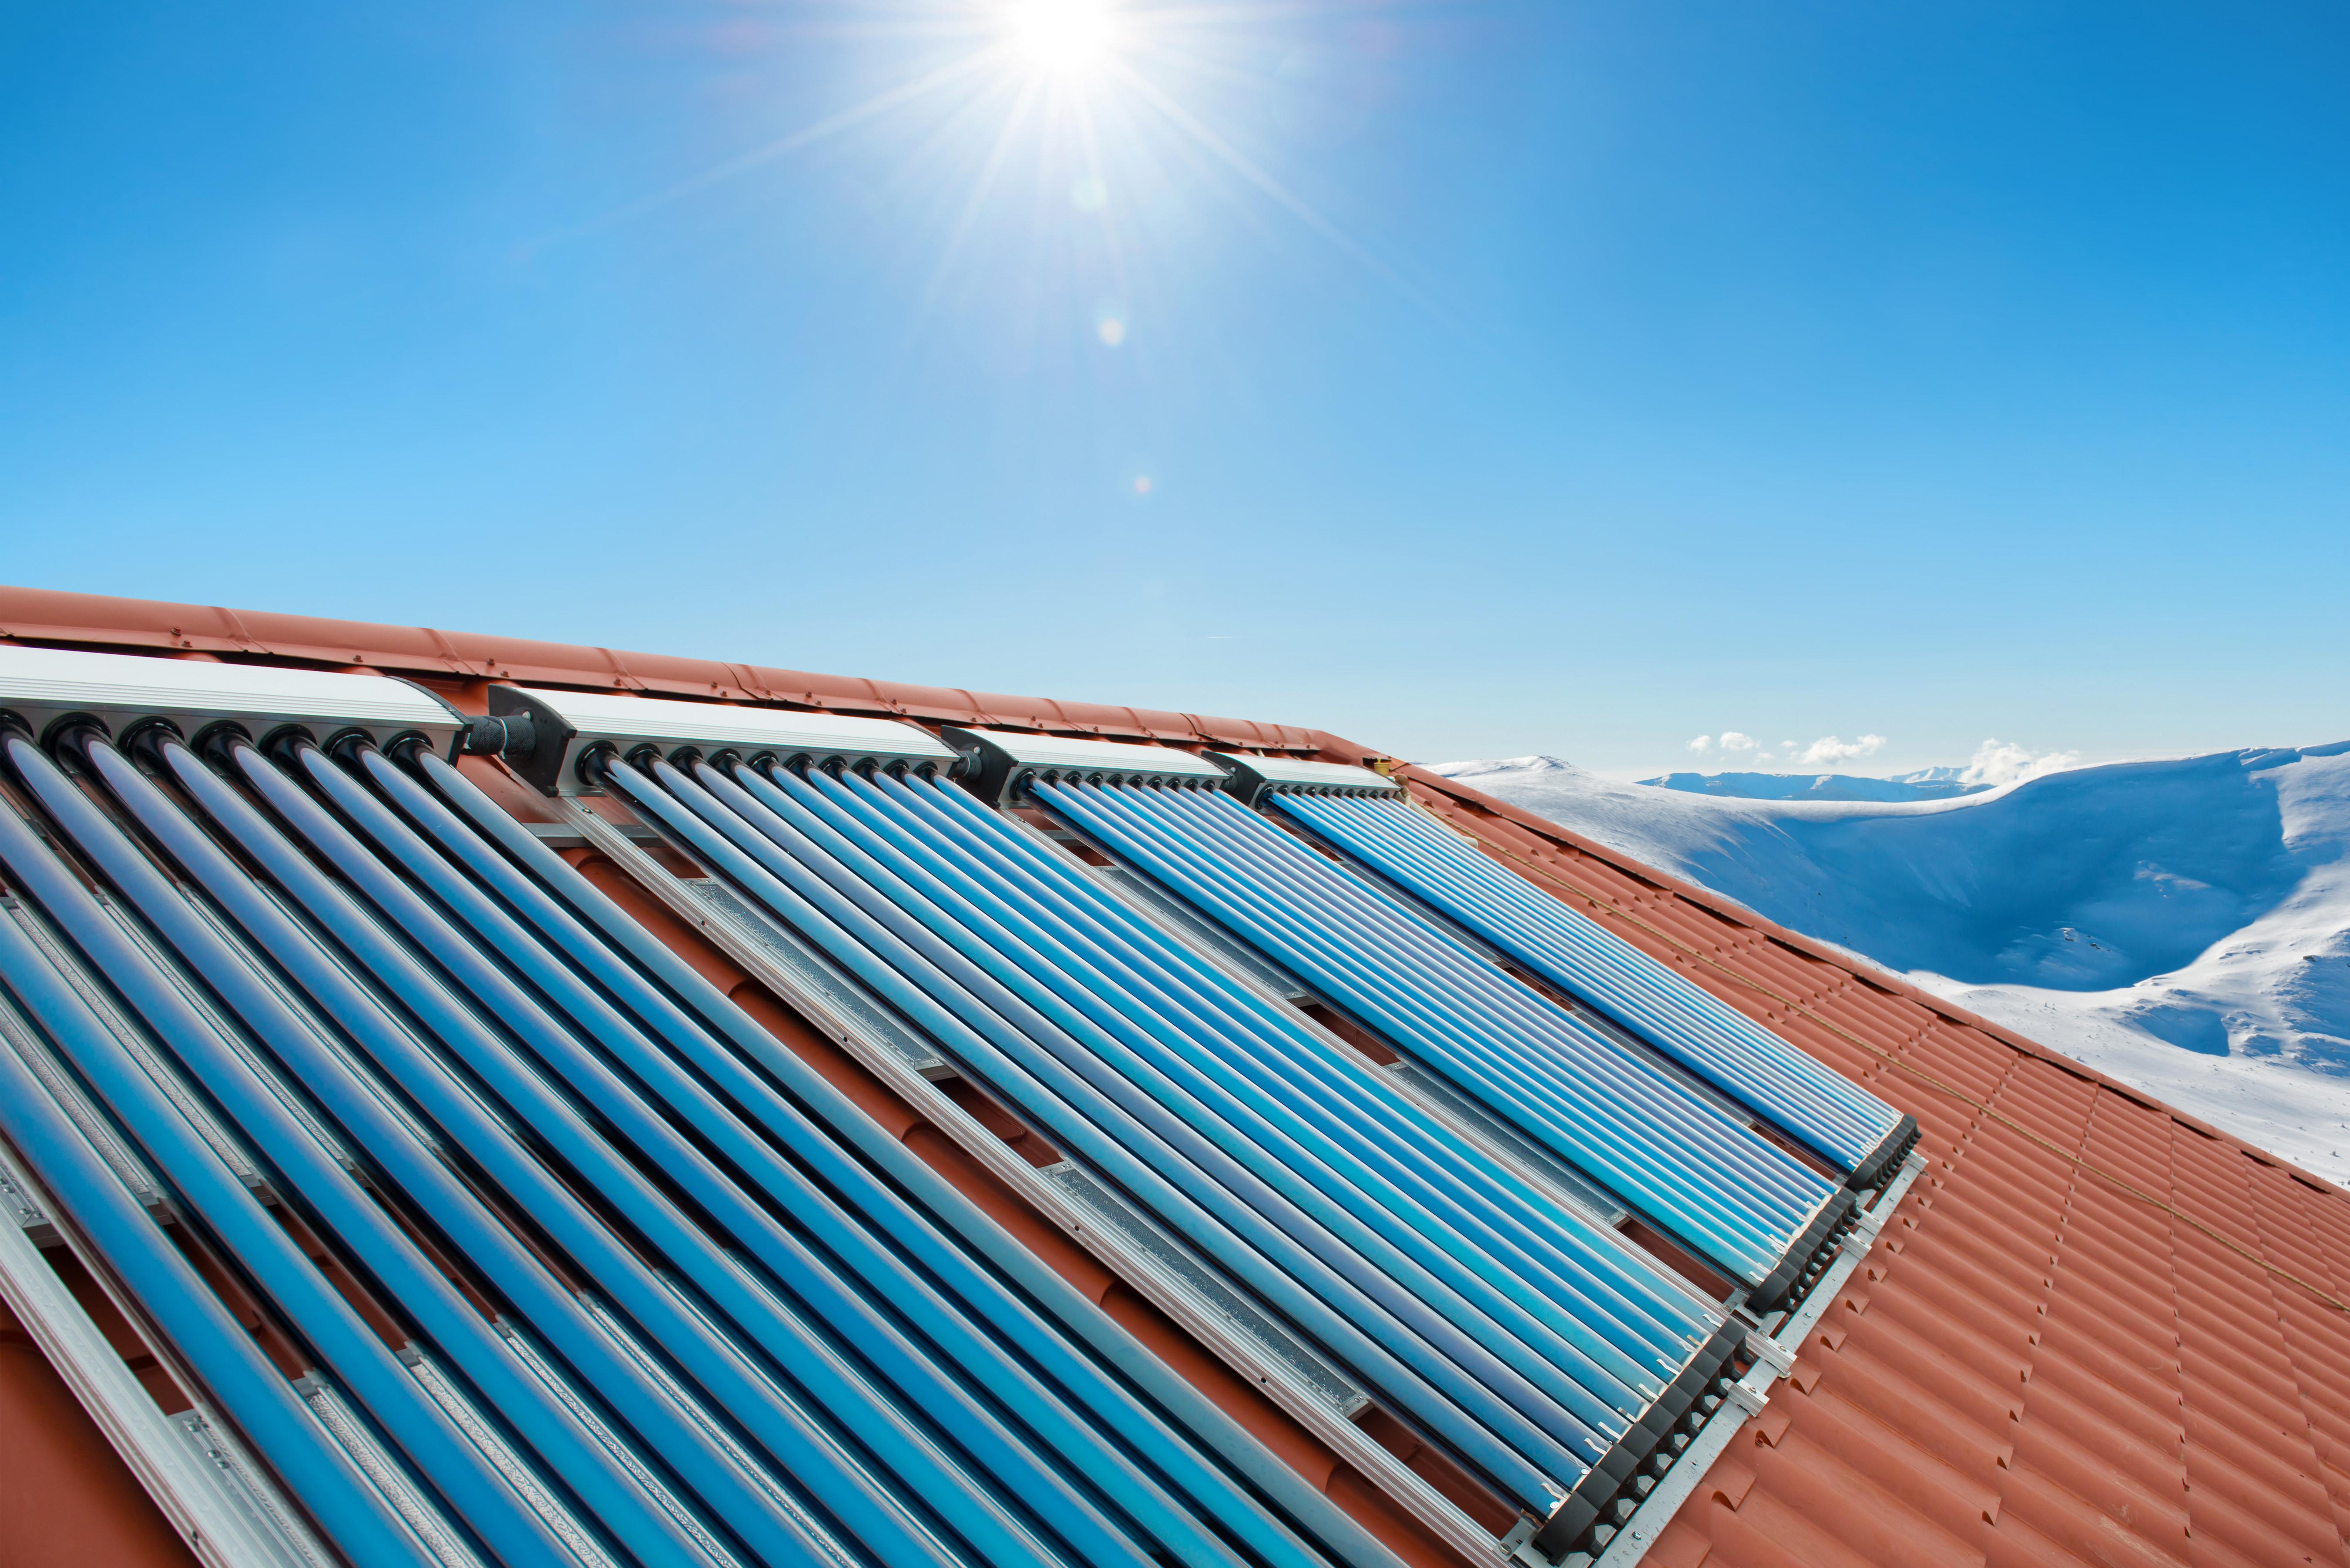 Sistema presurizado con colectores de tubos evacuados para calentamiento de agua sanitaria y calefacción en una cabaña en Suiza.